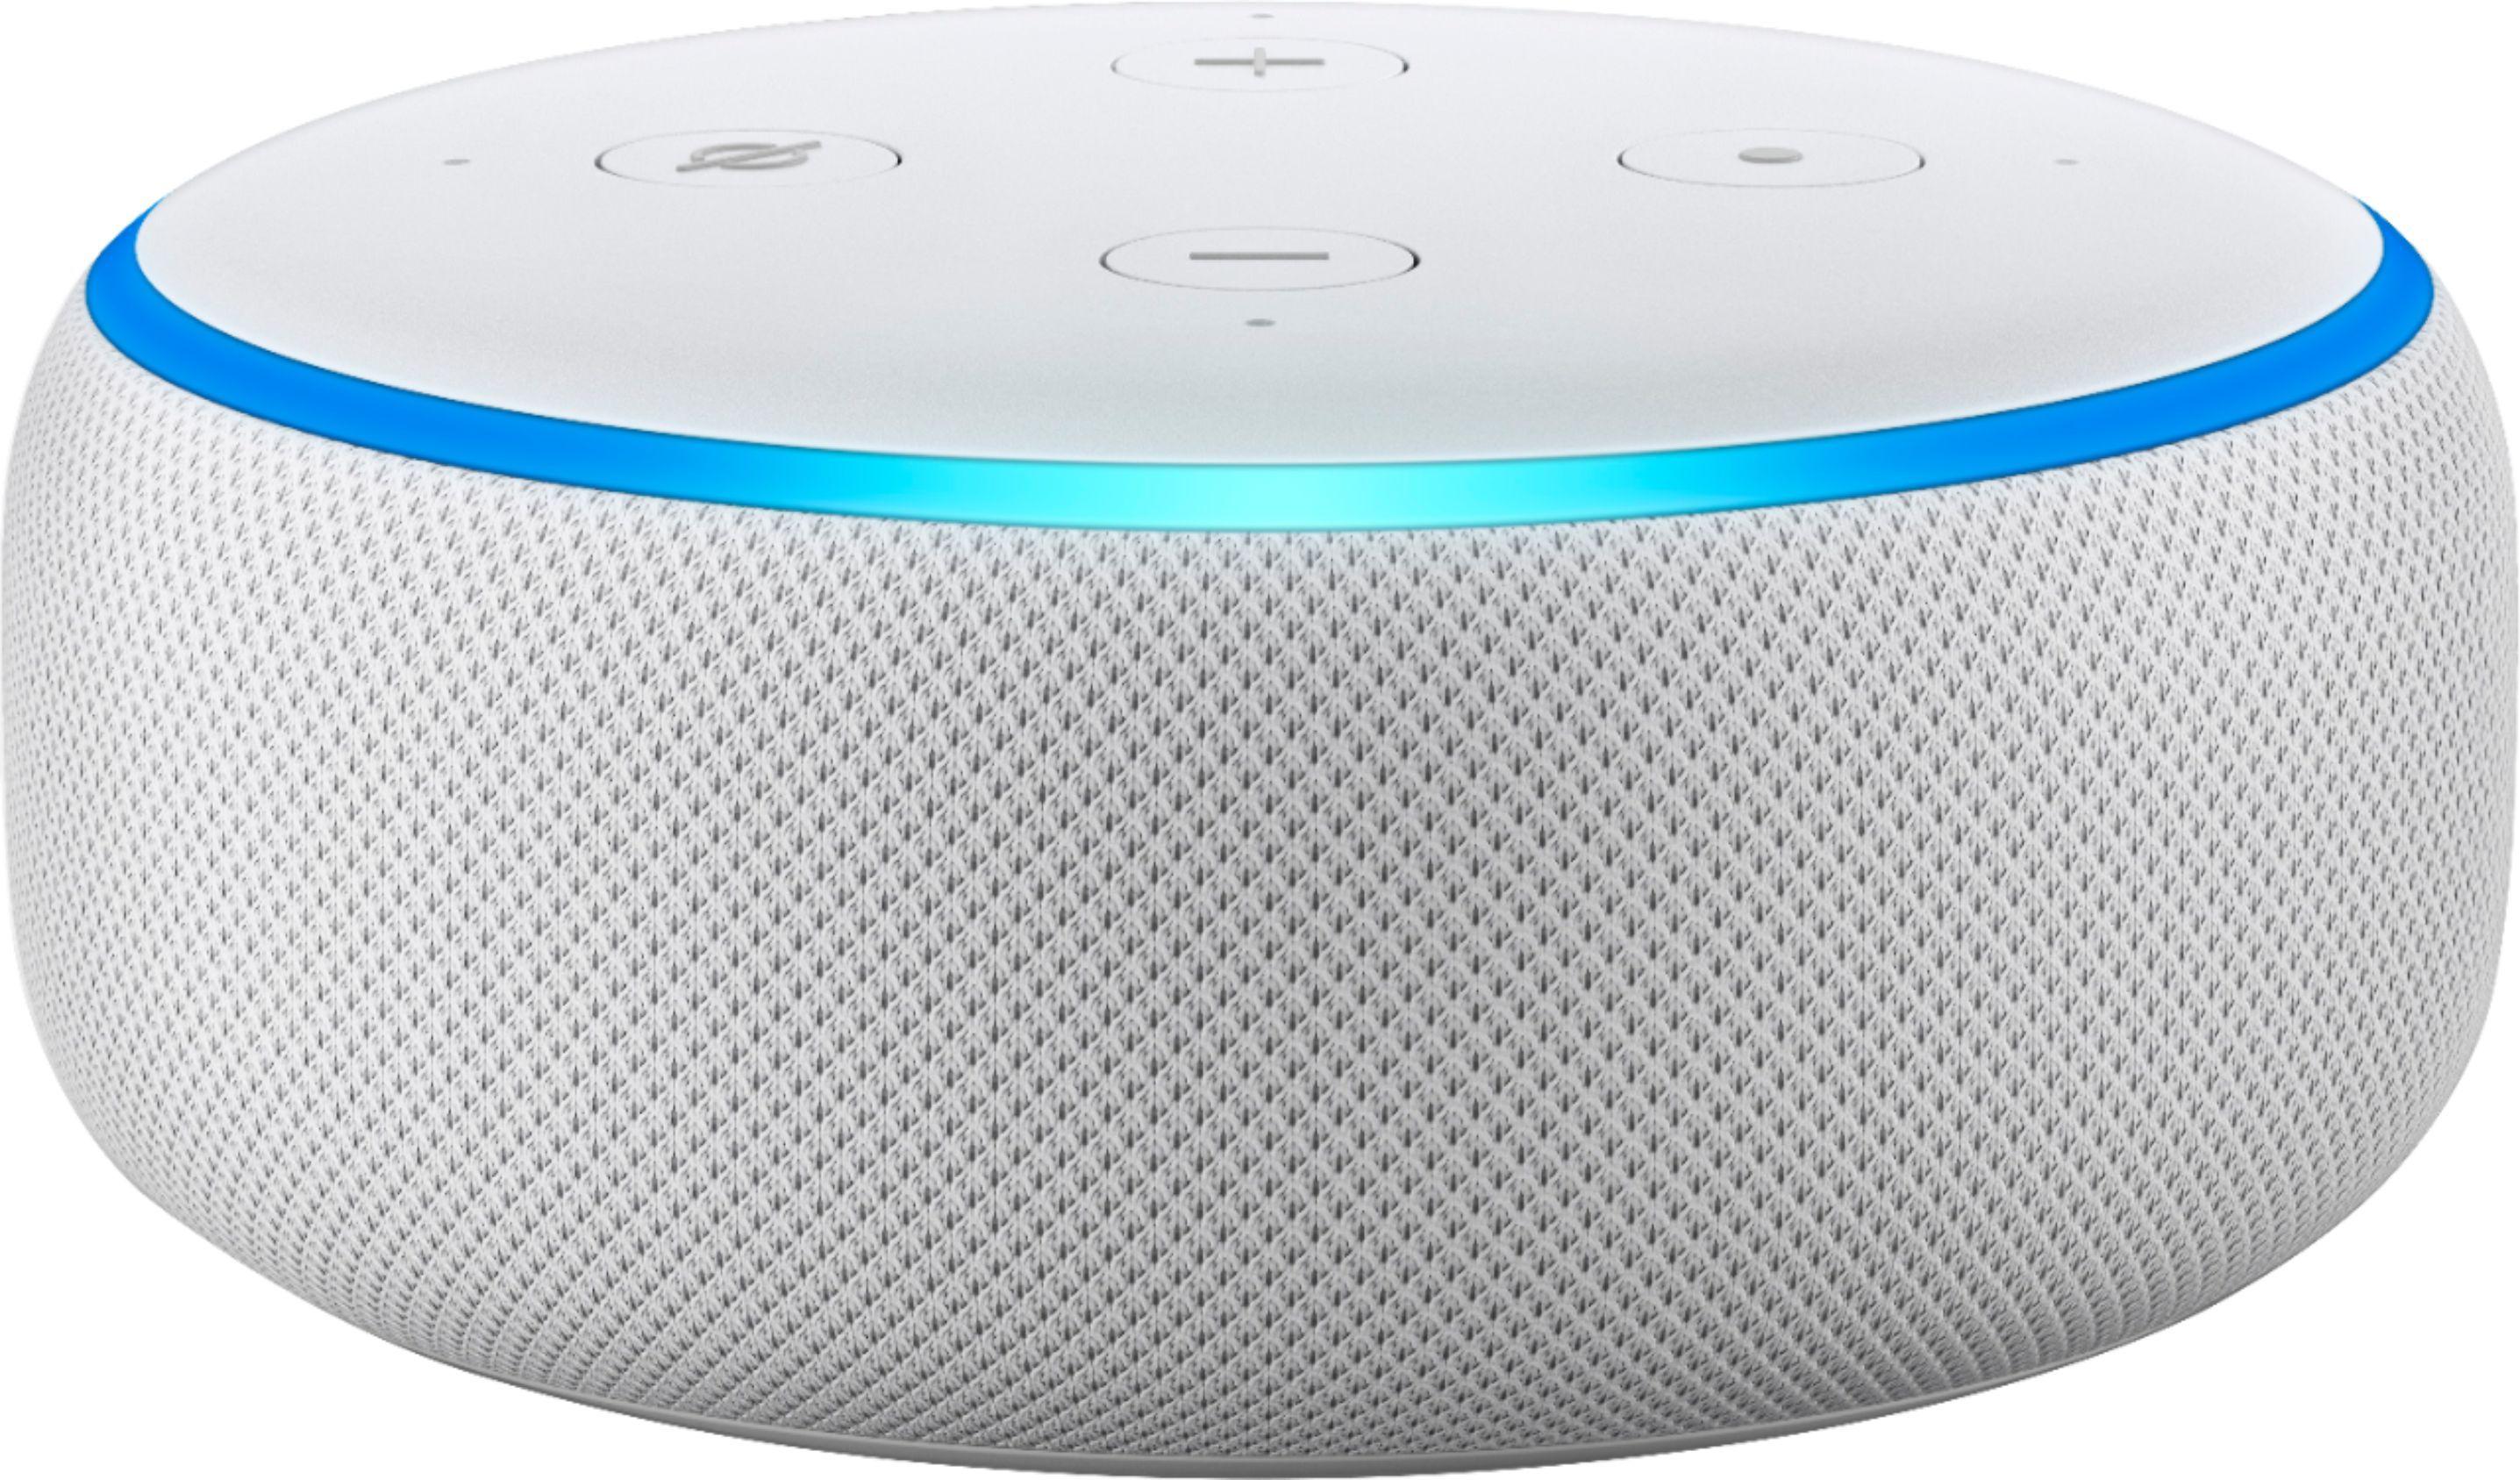 Amazon Echo Dot 3rd Gen Smart Speaker With Alexa Sandstone B07pgl2n7j B0792r1rsn Amazon Echo Echo Dot Smart Speaker